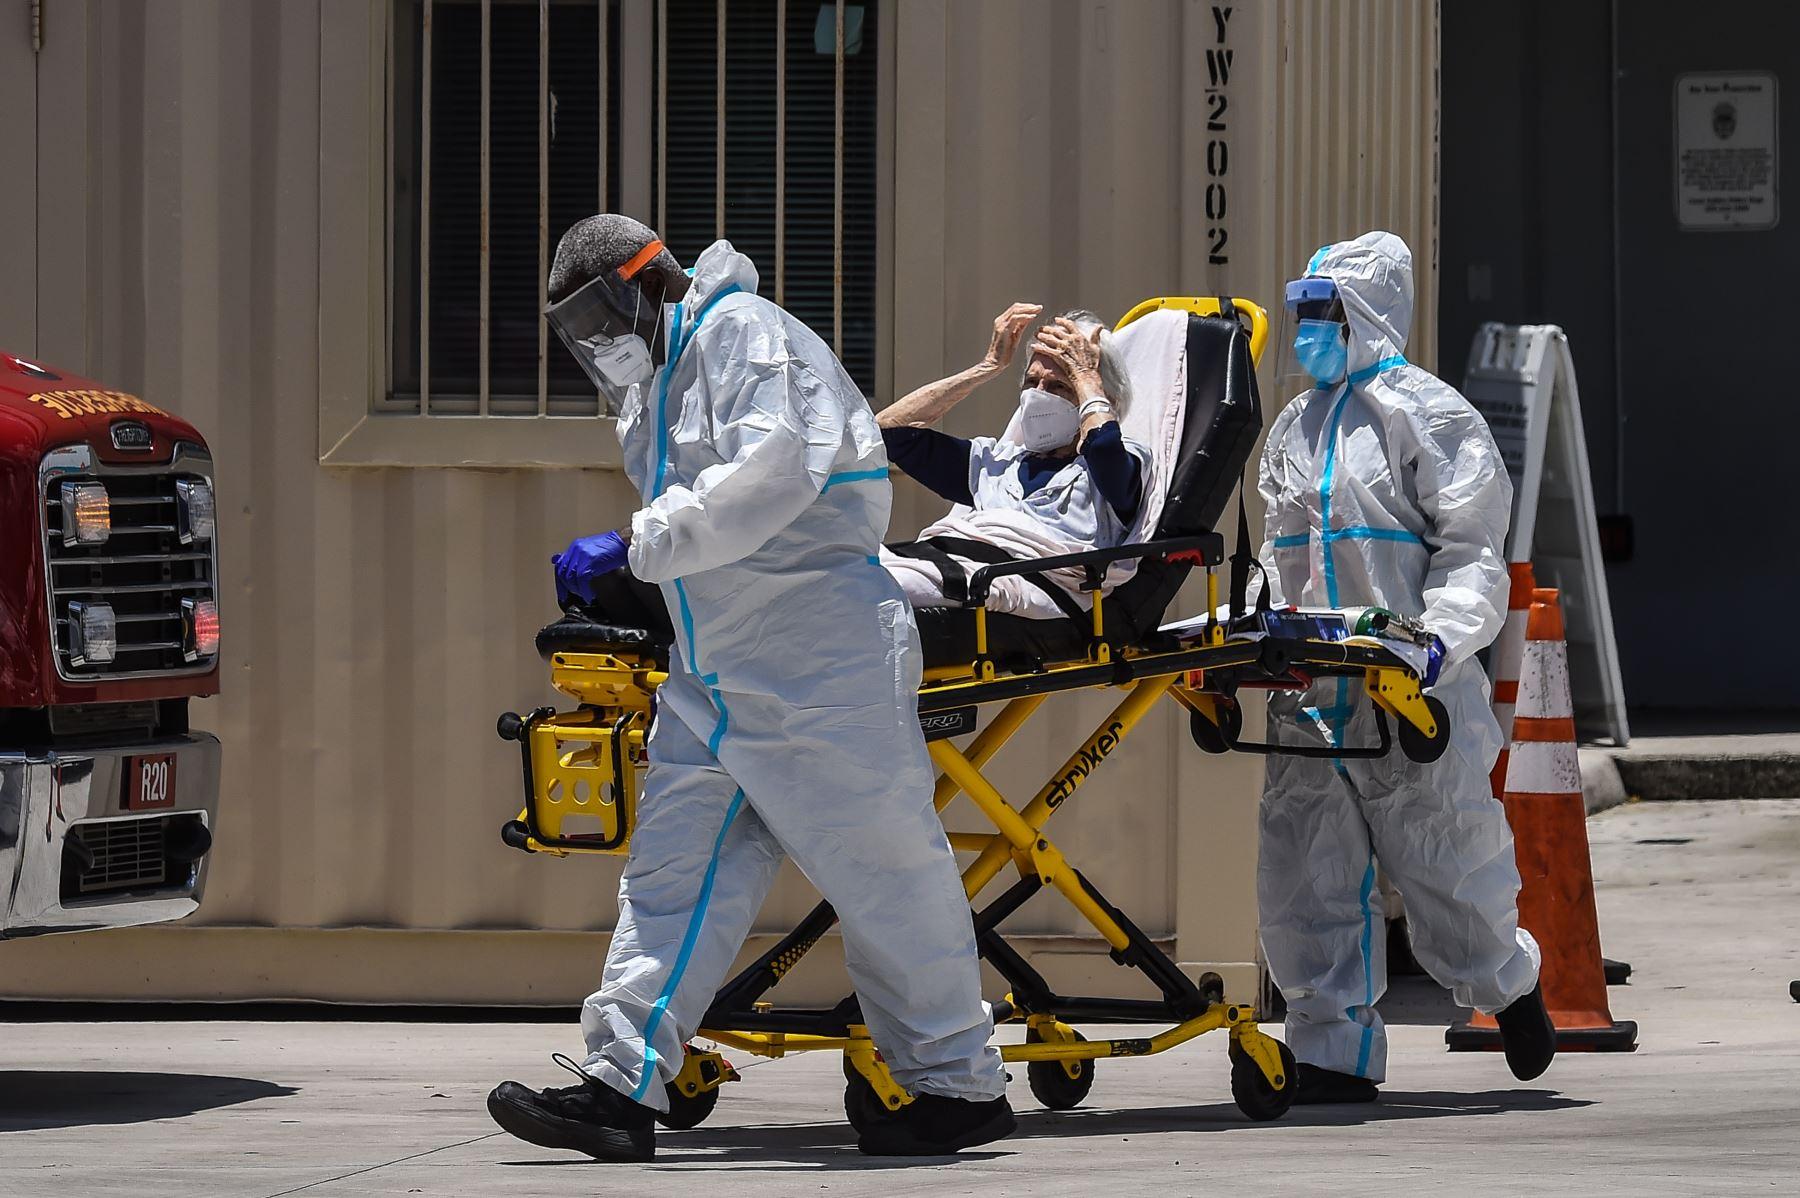 Los médicos transfieren a un paciente en una camilla desde una ambulancia afuera de Emergencia en el Hospital Coral Gables, cerca a Miami. Foto: AFP